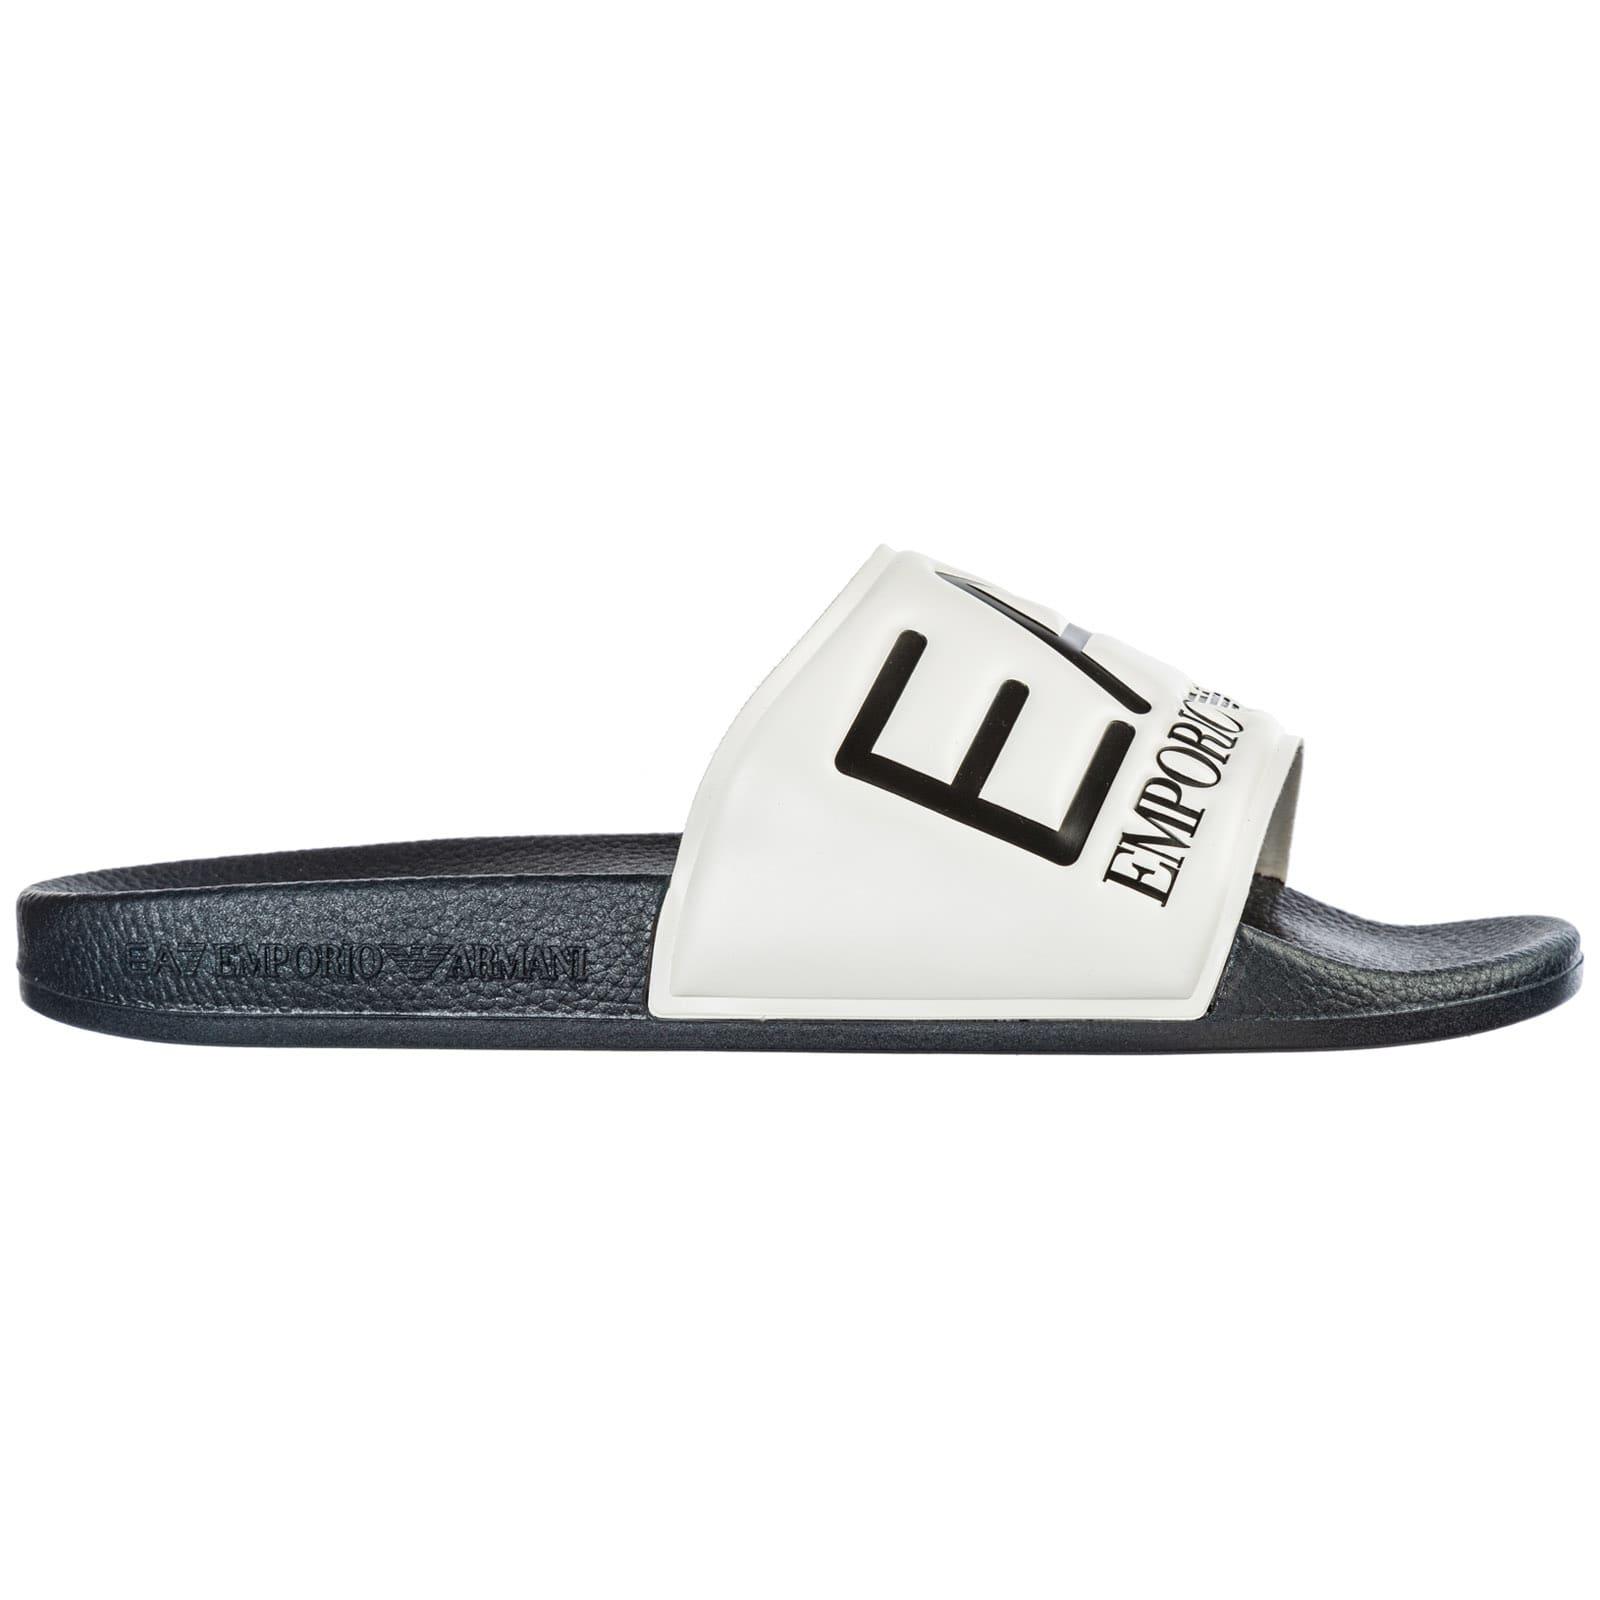 Ea7 Emporio Armani  H357 Slides In Bianco